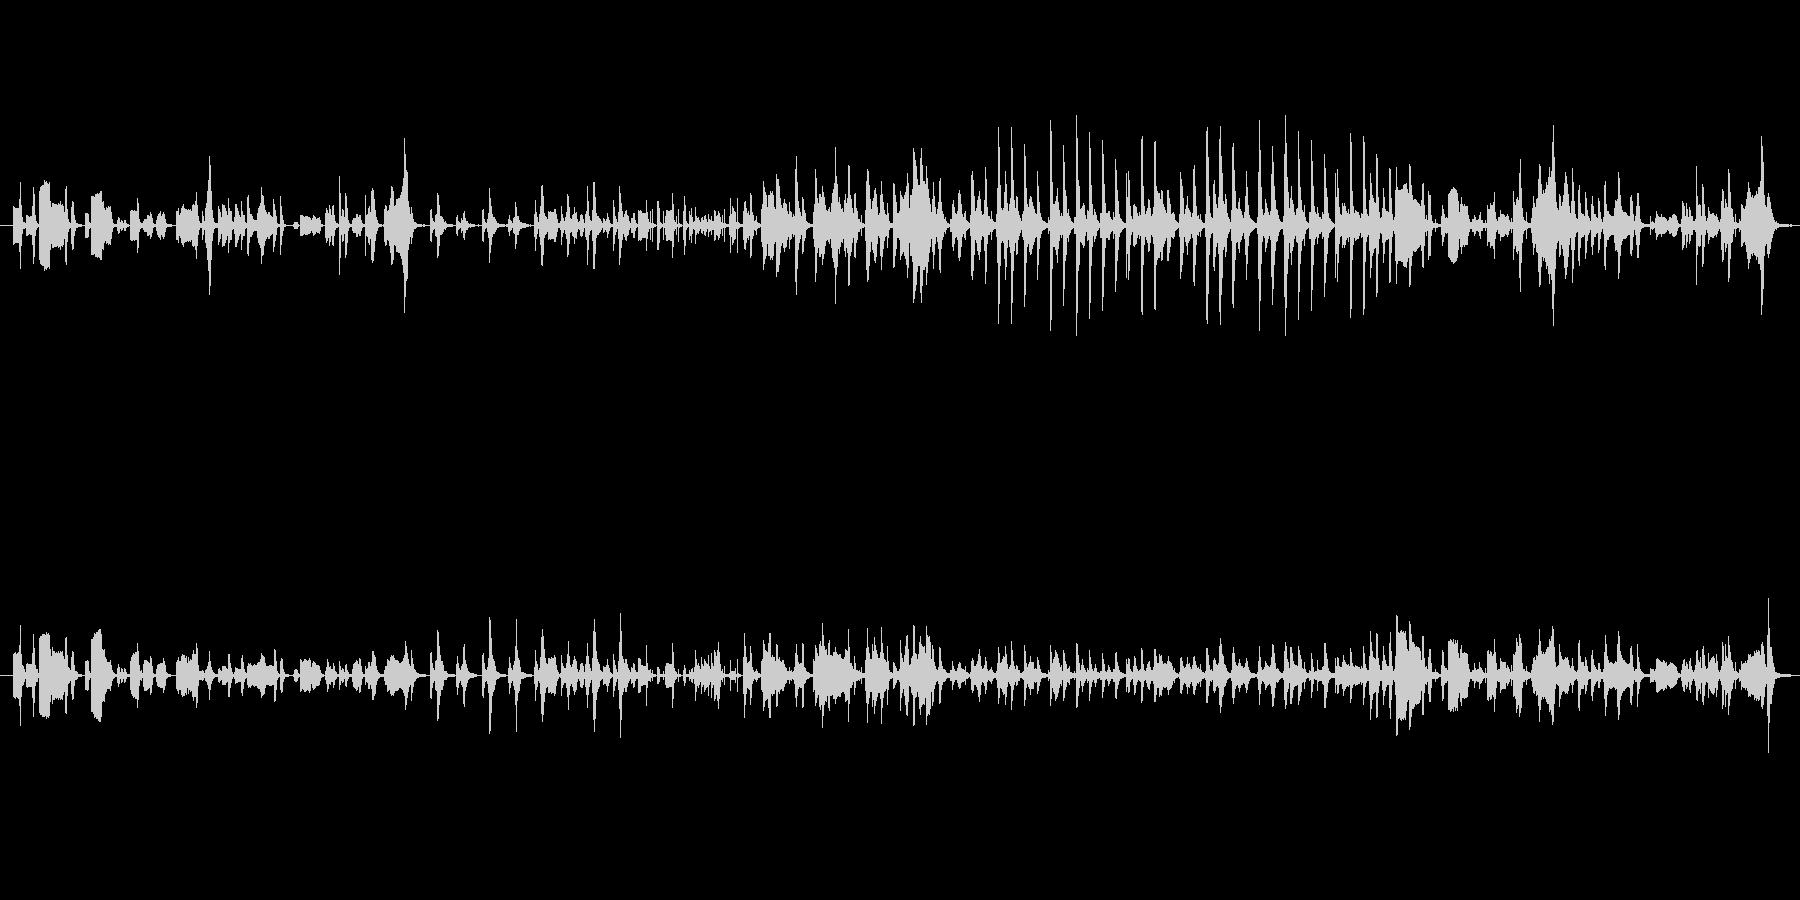 ひっそりしたミステリアスなメロディーの未再生の波形